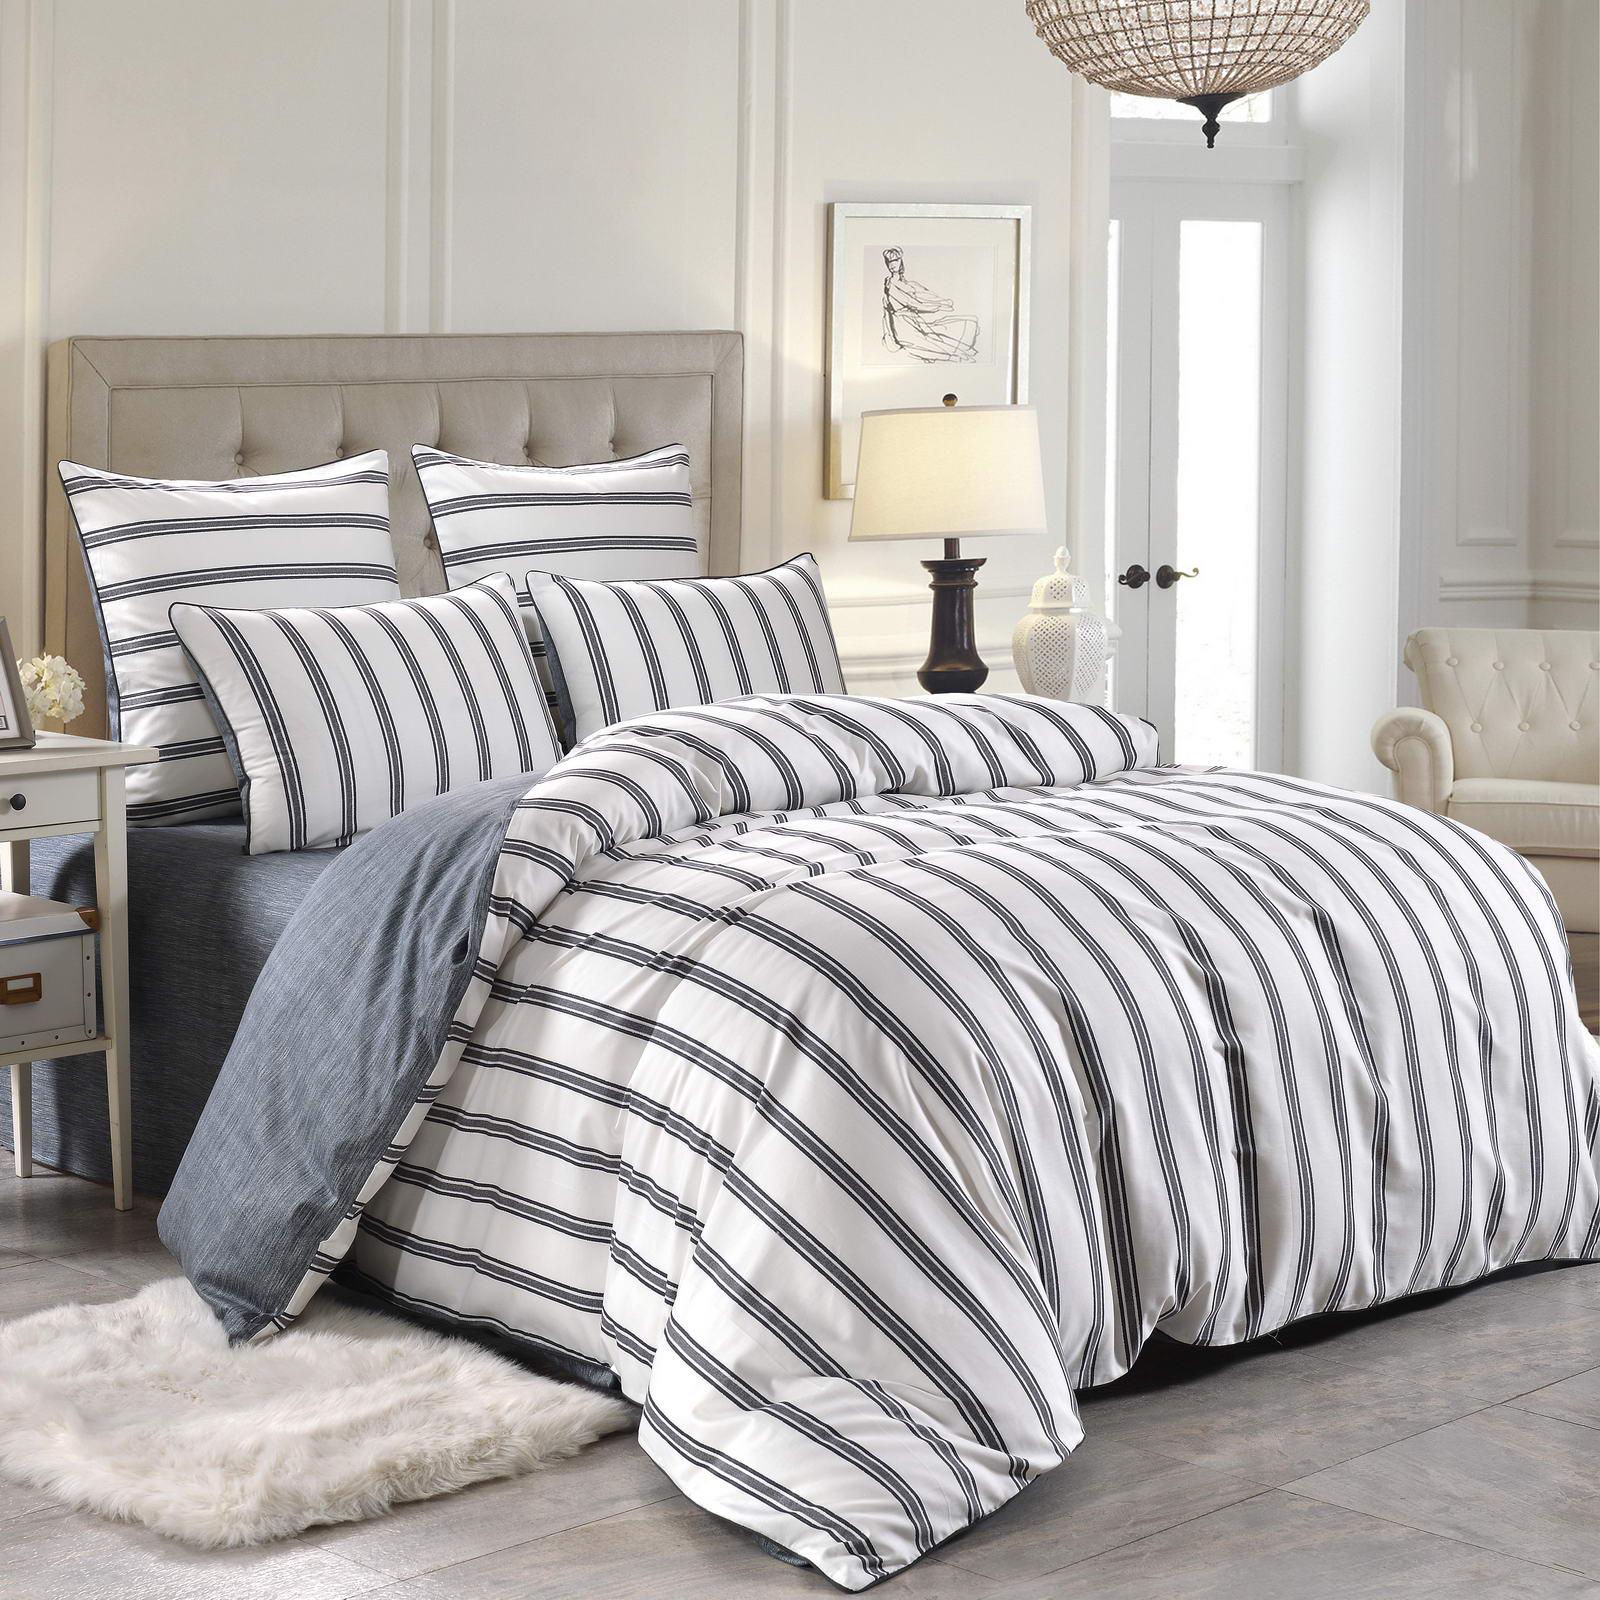 Комплект постельного белья Sofi De Marko Вивьен Двуспальный евро (ЕВРО-5208) недорого